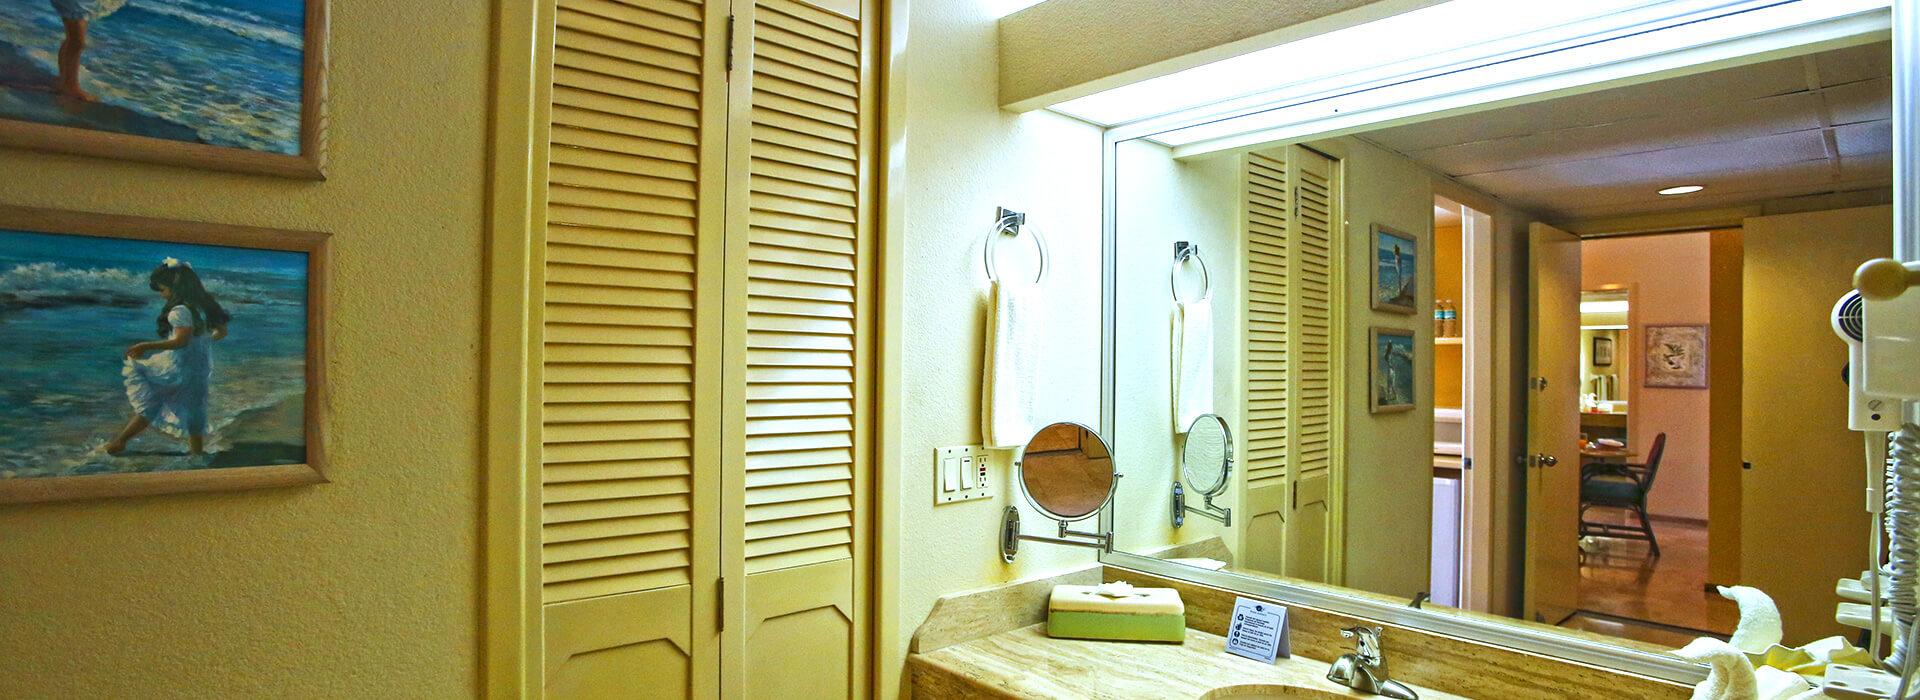 Villas de dos recámaras con vista al mar y baño completo en el Resort Todo Incluido en Cancun